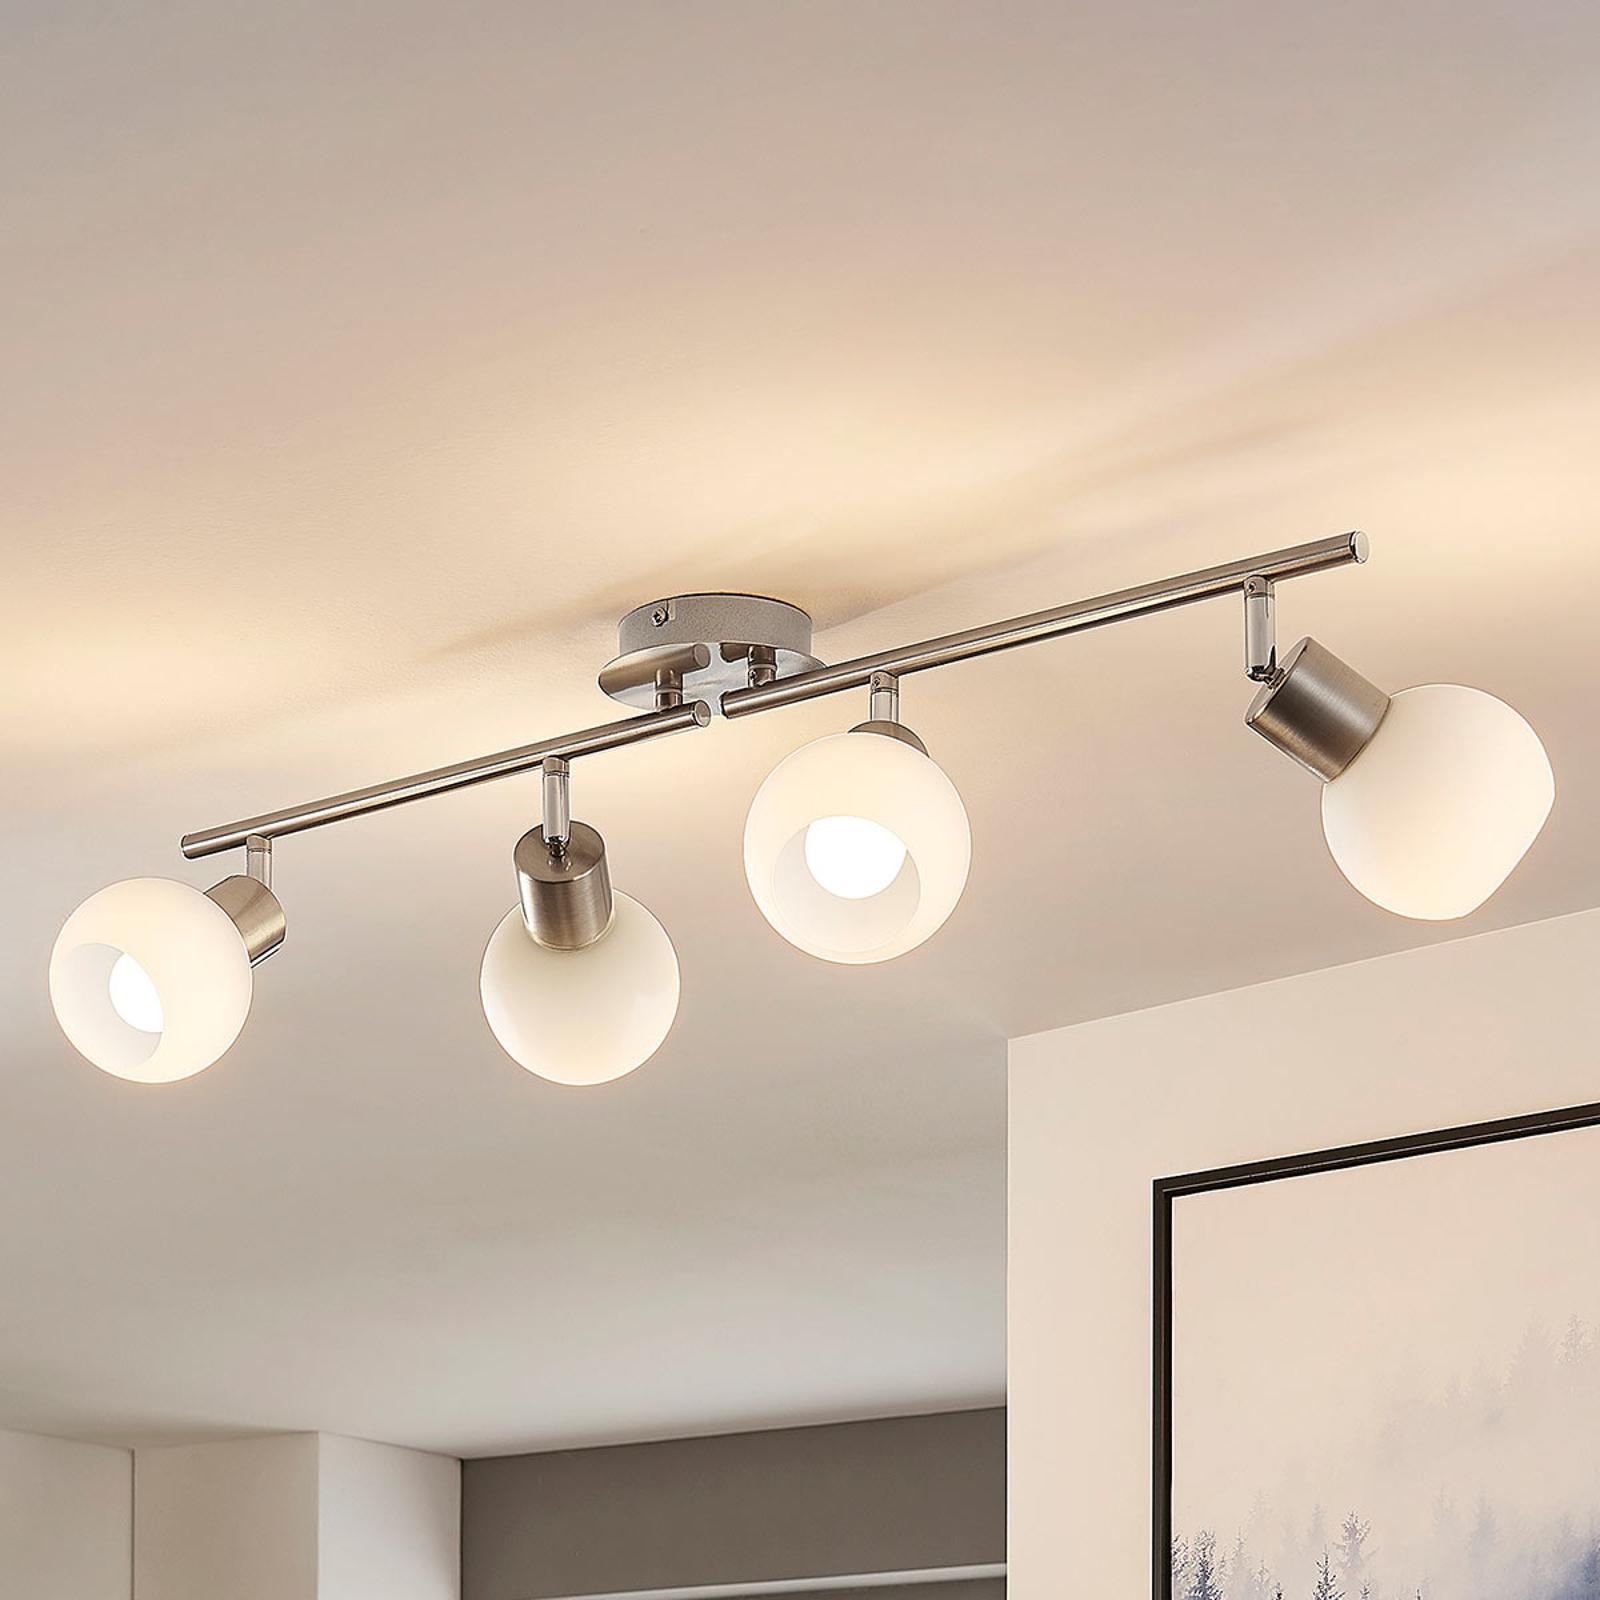 LED-taklampe Elaina med fire lys, matt nikkel